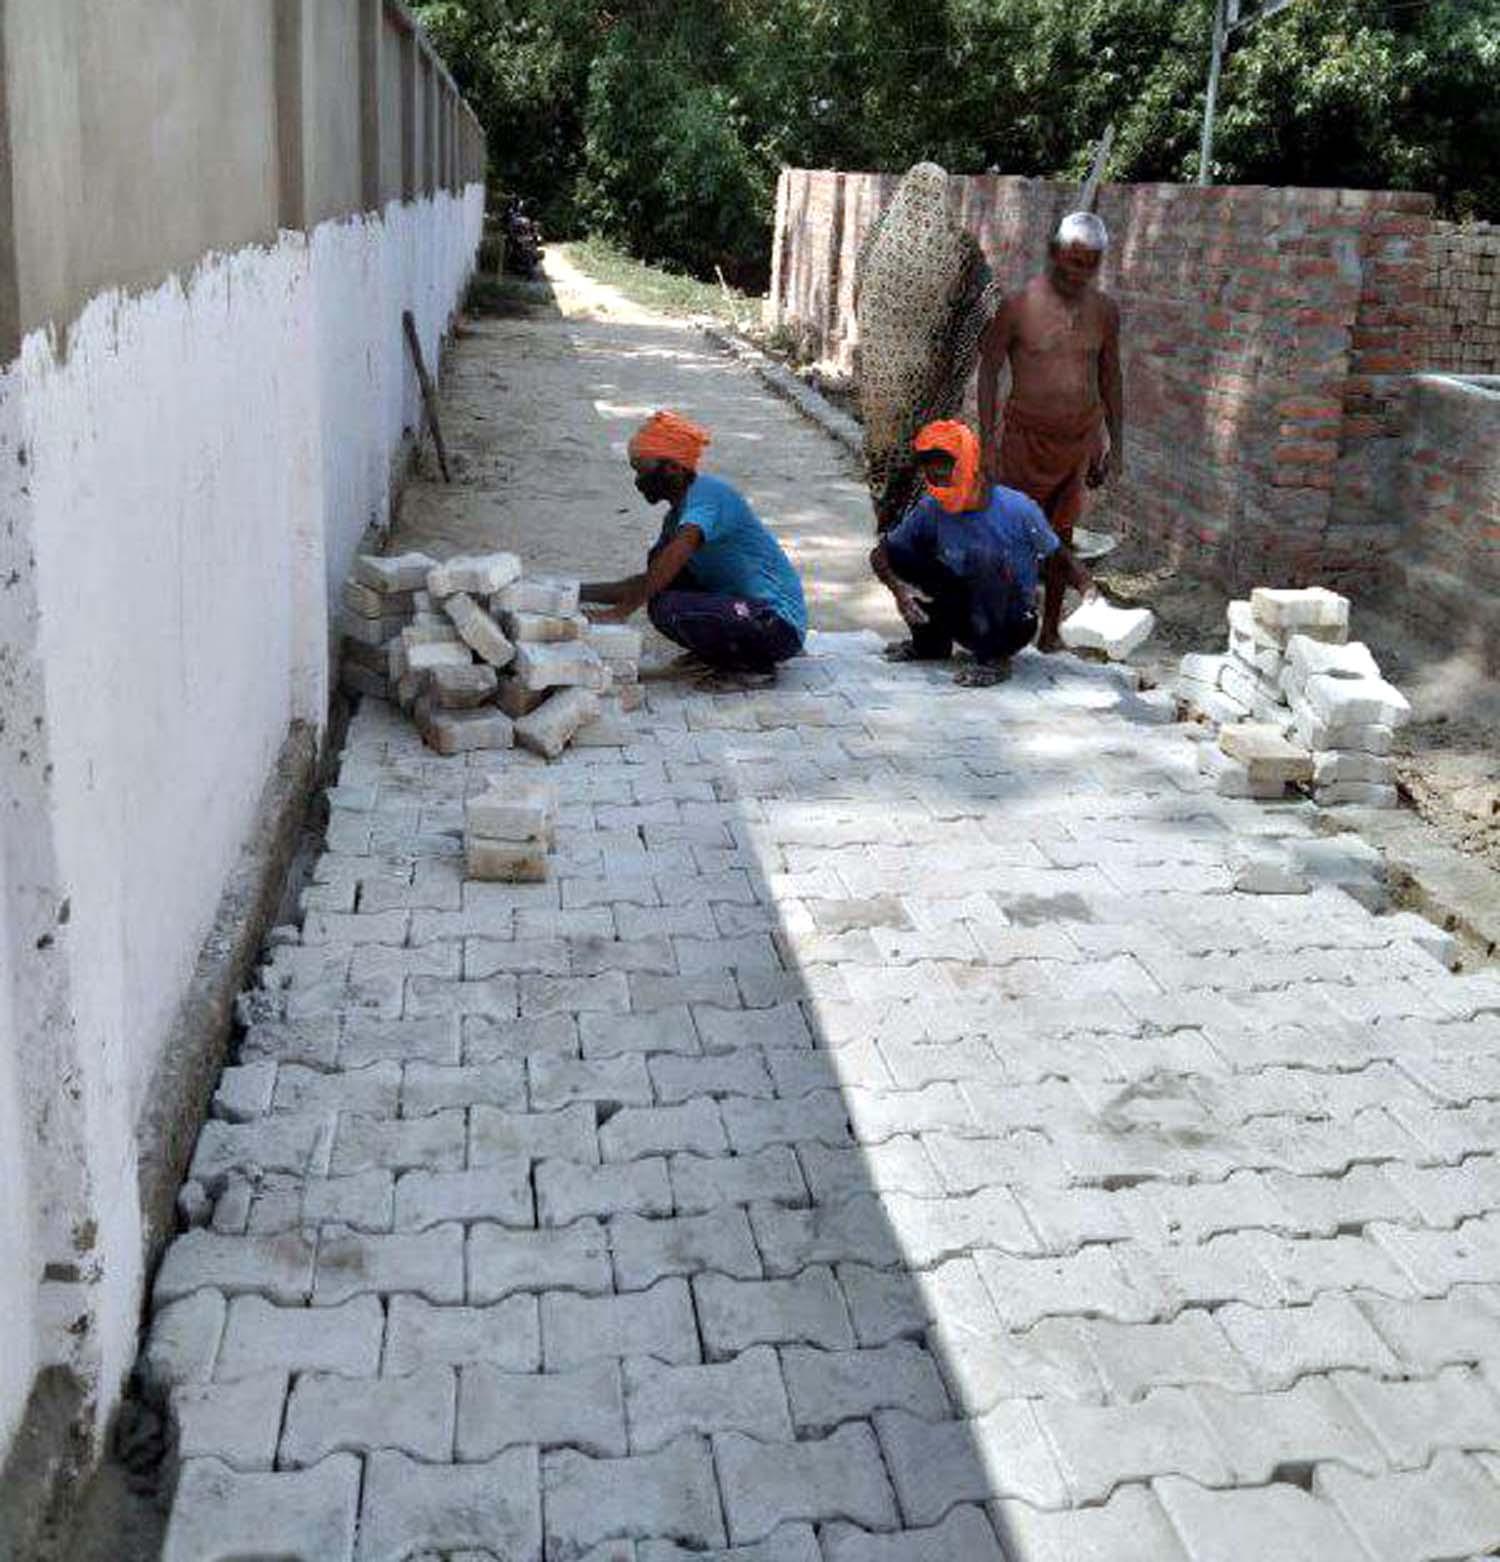 अतुल राय जौनपुर। जलालपुर क्षेत्र के ग्रामसभा कुसियां में स्थित चौरा माता मंदिर तक जाने के लिये रास्ते का निर्माण कार्य तेजी से करवाया जा रहा है। इस बाबत पूछे जाने पर ग्राम प्रधान राज प्यारे पटेल एवं ग्राम विकास अधिकारी राम भरत राम ने कहा कि मंदिर तक रास्ते का निर्माण कार्य करवाया जाना अति आवश्यक था, क्योंकि चौरा माता मंदिर से पूरे ग्रामसभा की आस्था जुड़ी हुई है। इस अवसर पर उमाशंकर एडवोकेट, राज बहादुर पटेल, लल्लू पटेल, दिनेश कुमार, त्रिलोकी नाथ दुबे, जयगुरूदेव एडवोकेट समेत तमाम लोगों ने हर्ष व्यक्त किया।